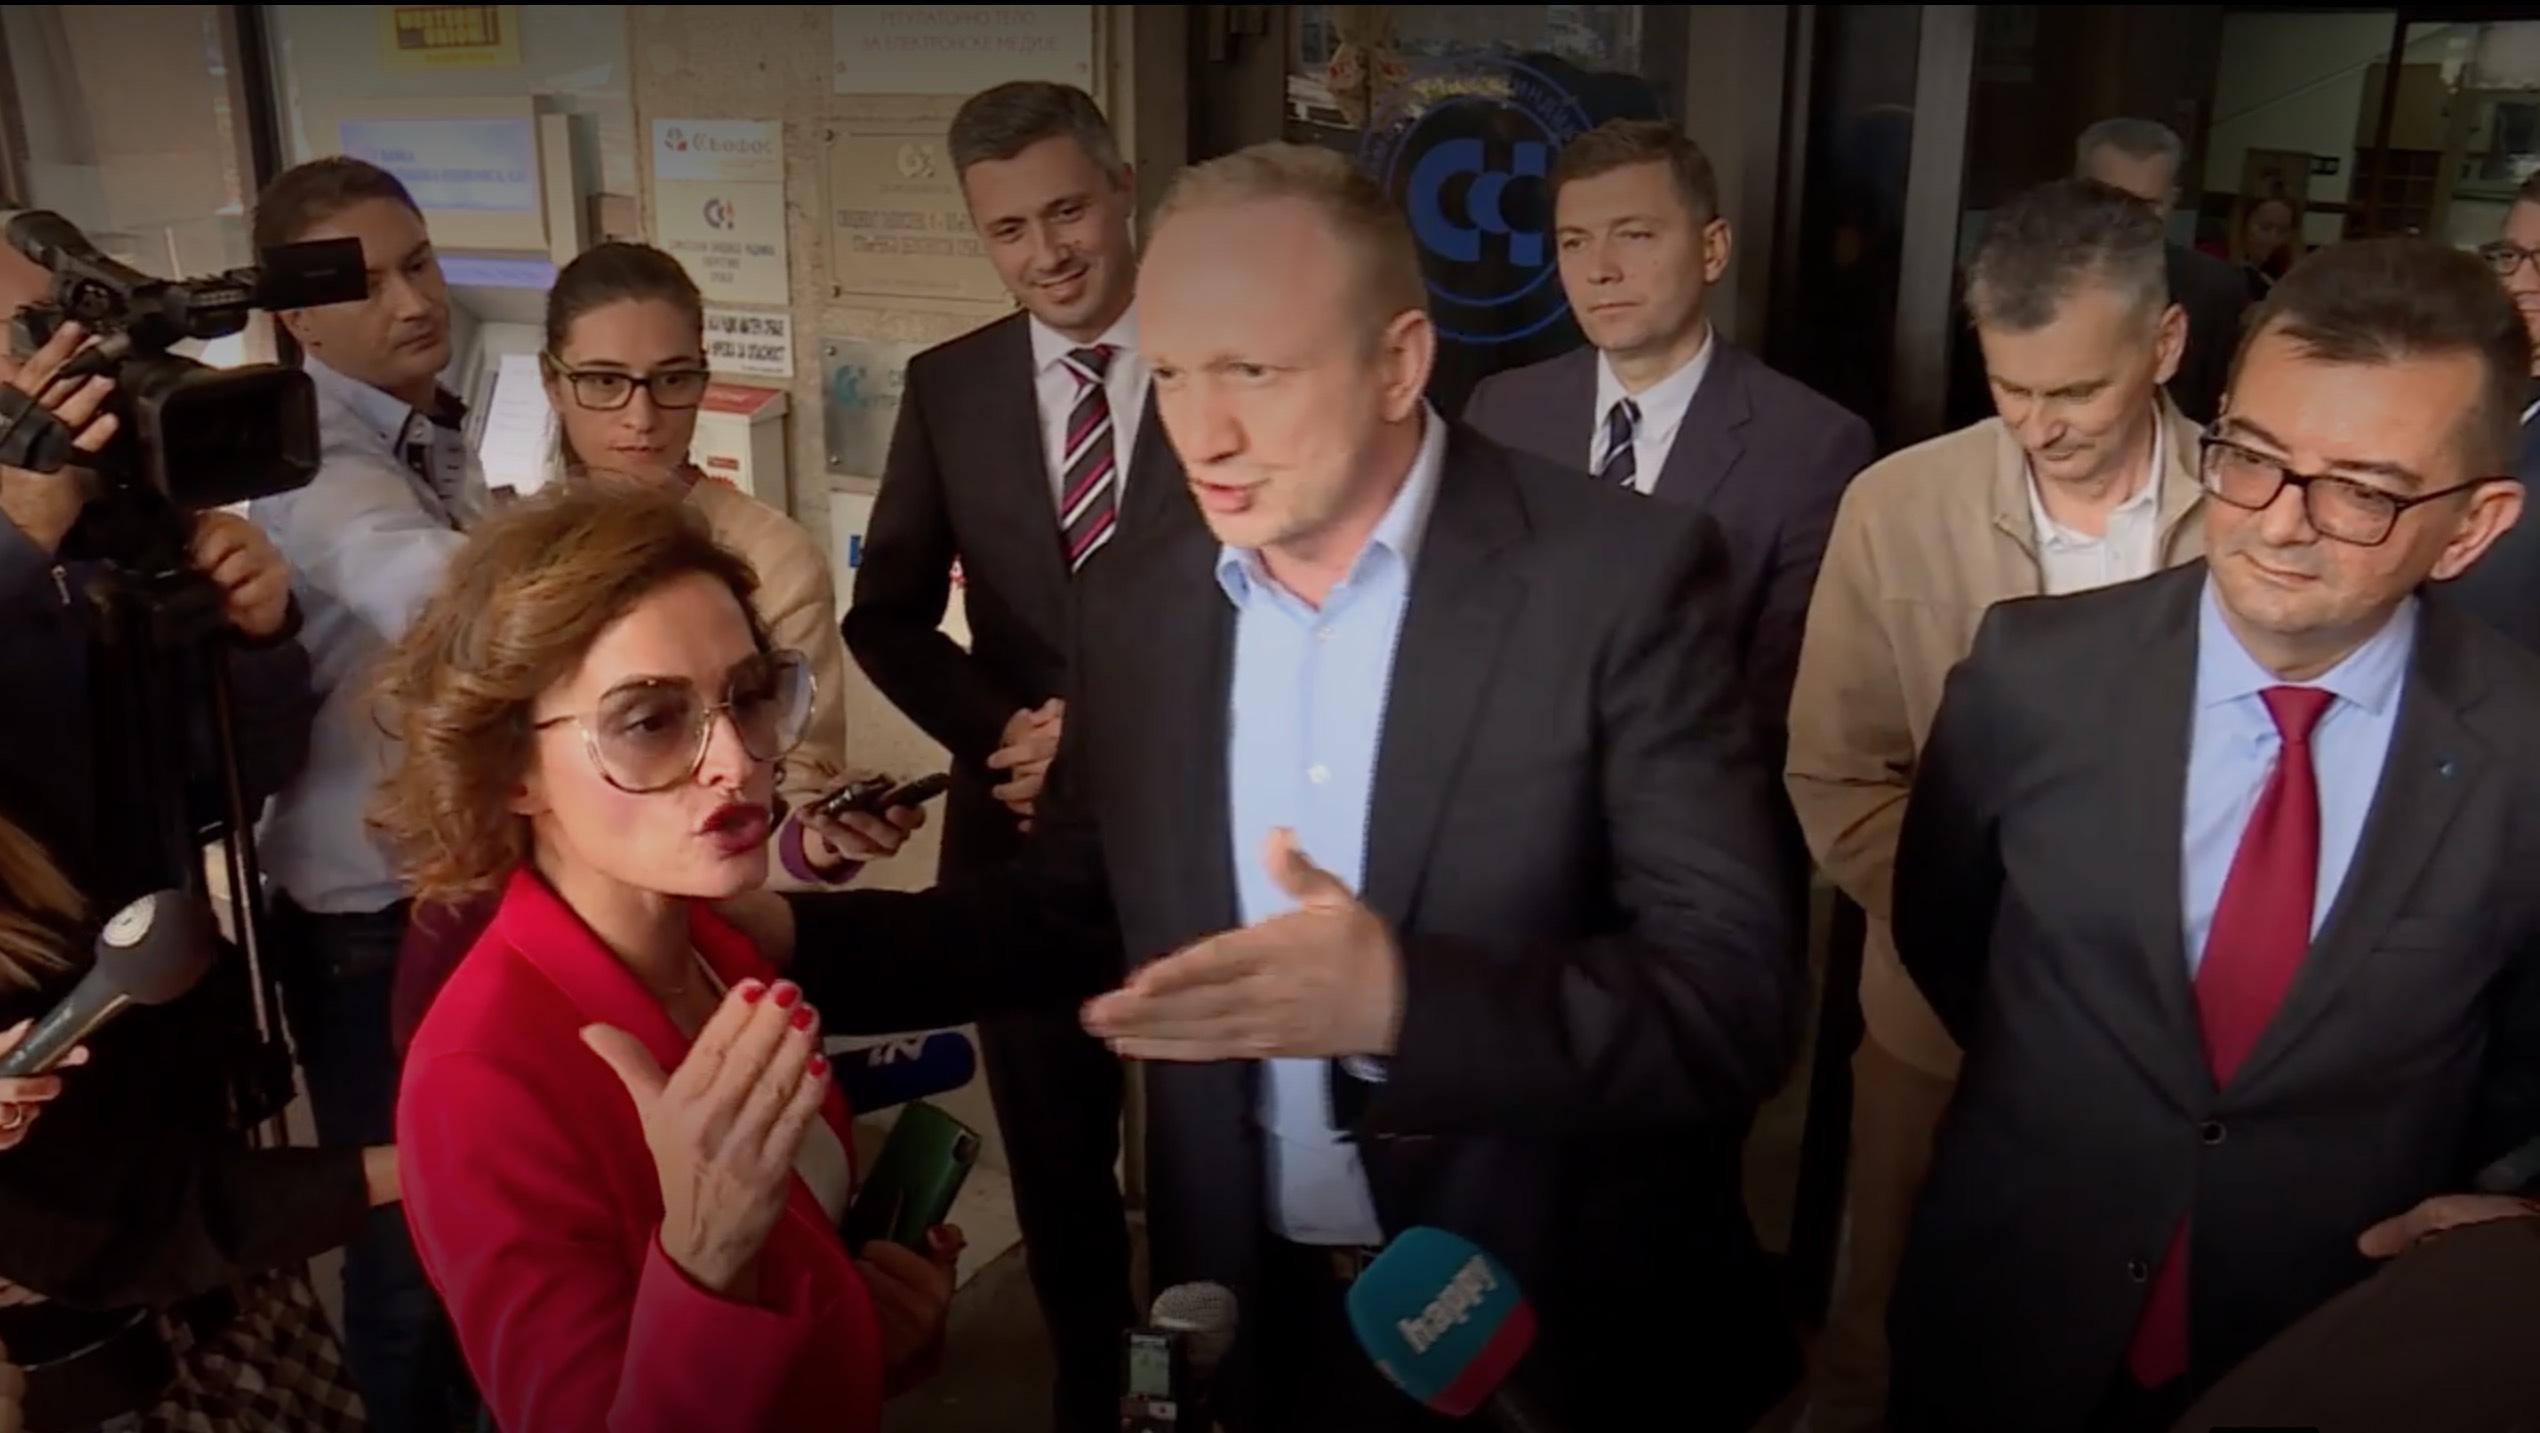 Verbalni sukob opozicije i članice Saveta REM-a, Olivere Zekić, ispred zgrade regulatora u oktobru 2018; foto: printscreen TV N1